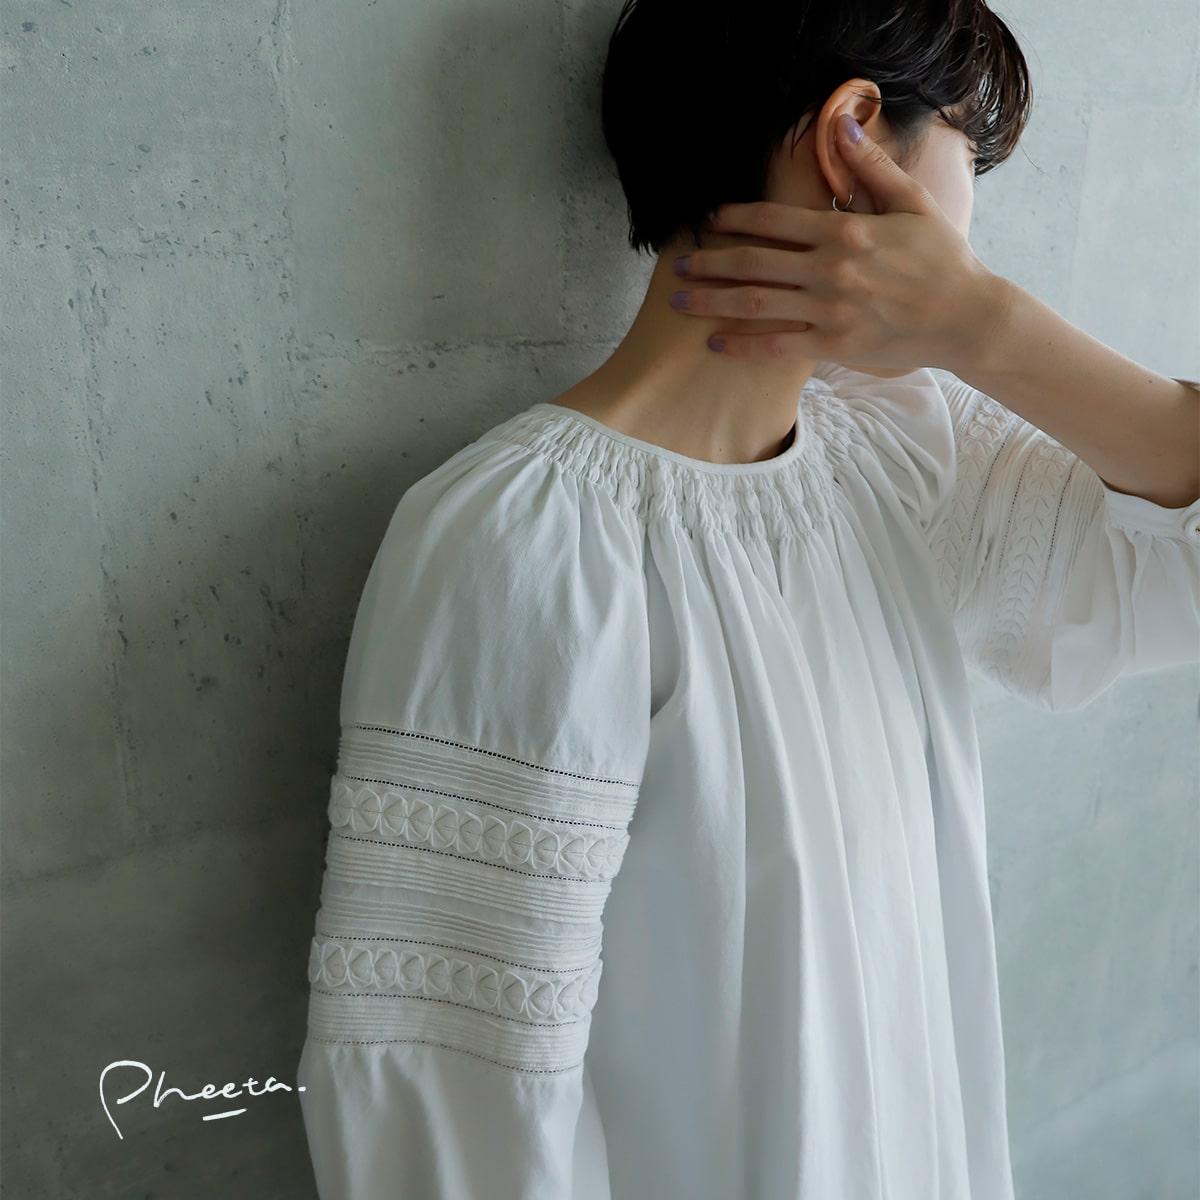 """Pheeta(フィータ)コットンスリーブ刺繍ギャザーブラウス""""Gray"""" ph21aw-21"""